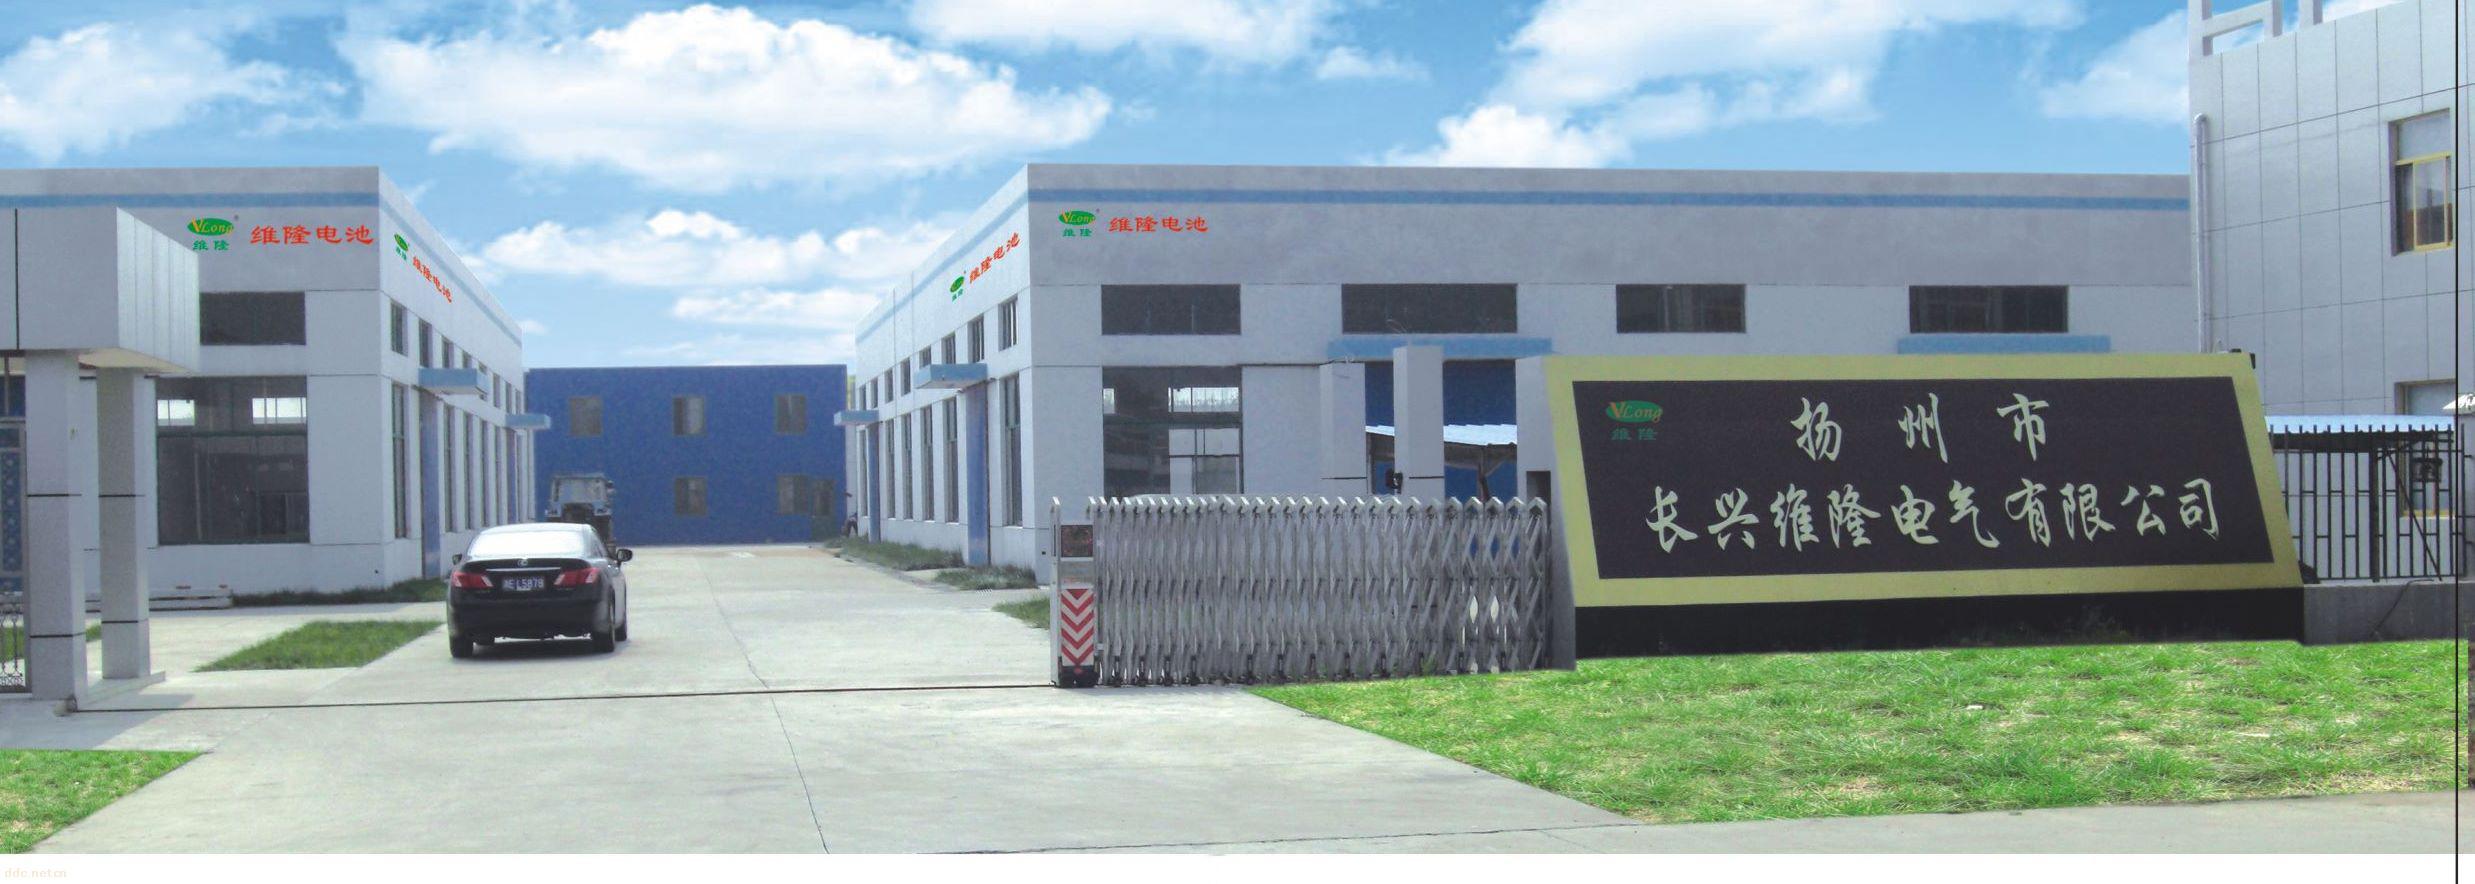 扬州市长兴维隆电气有限公司